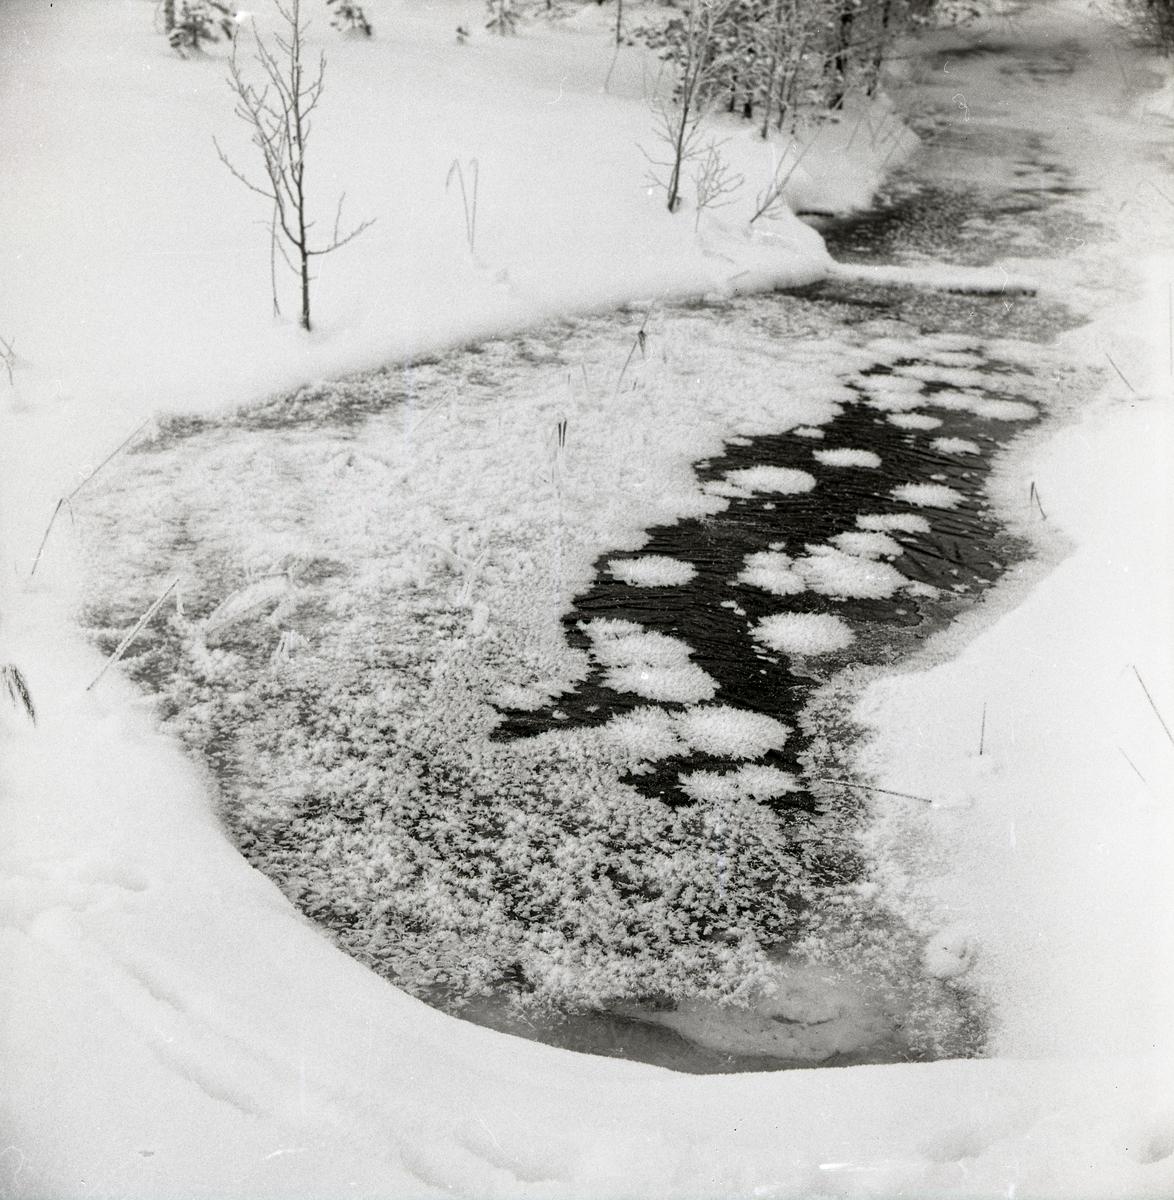 Rimfrost bildar ismönster på ett vattendrag.